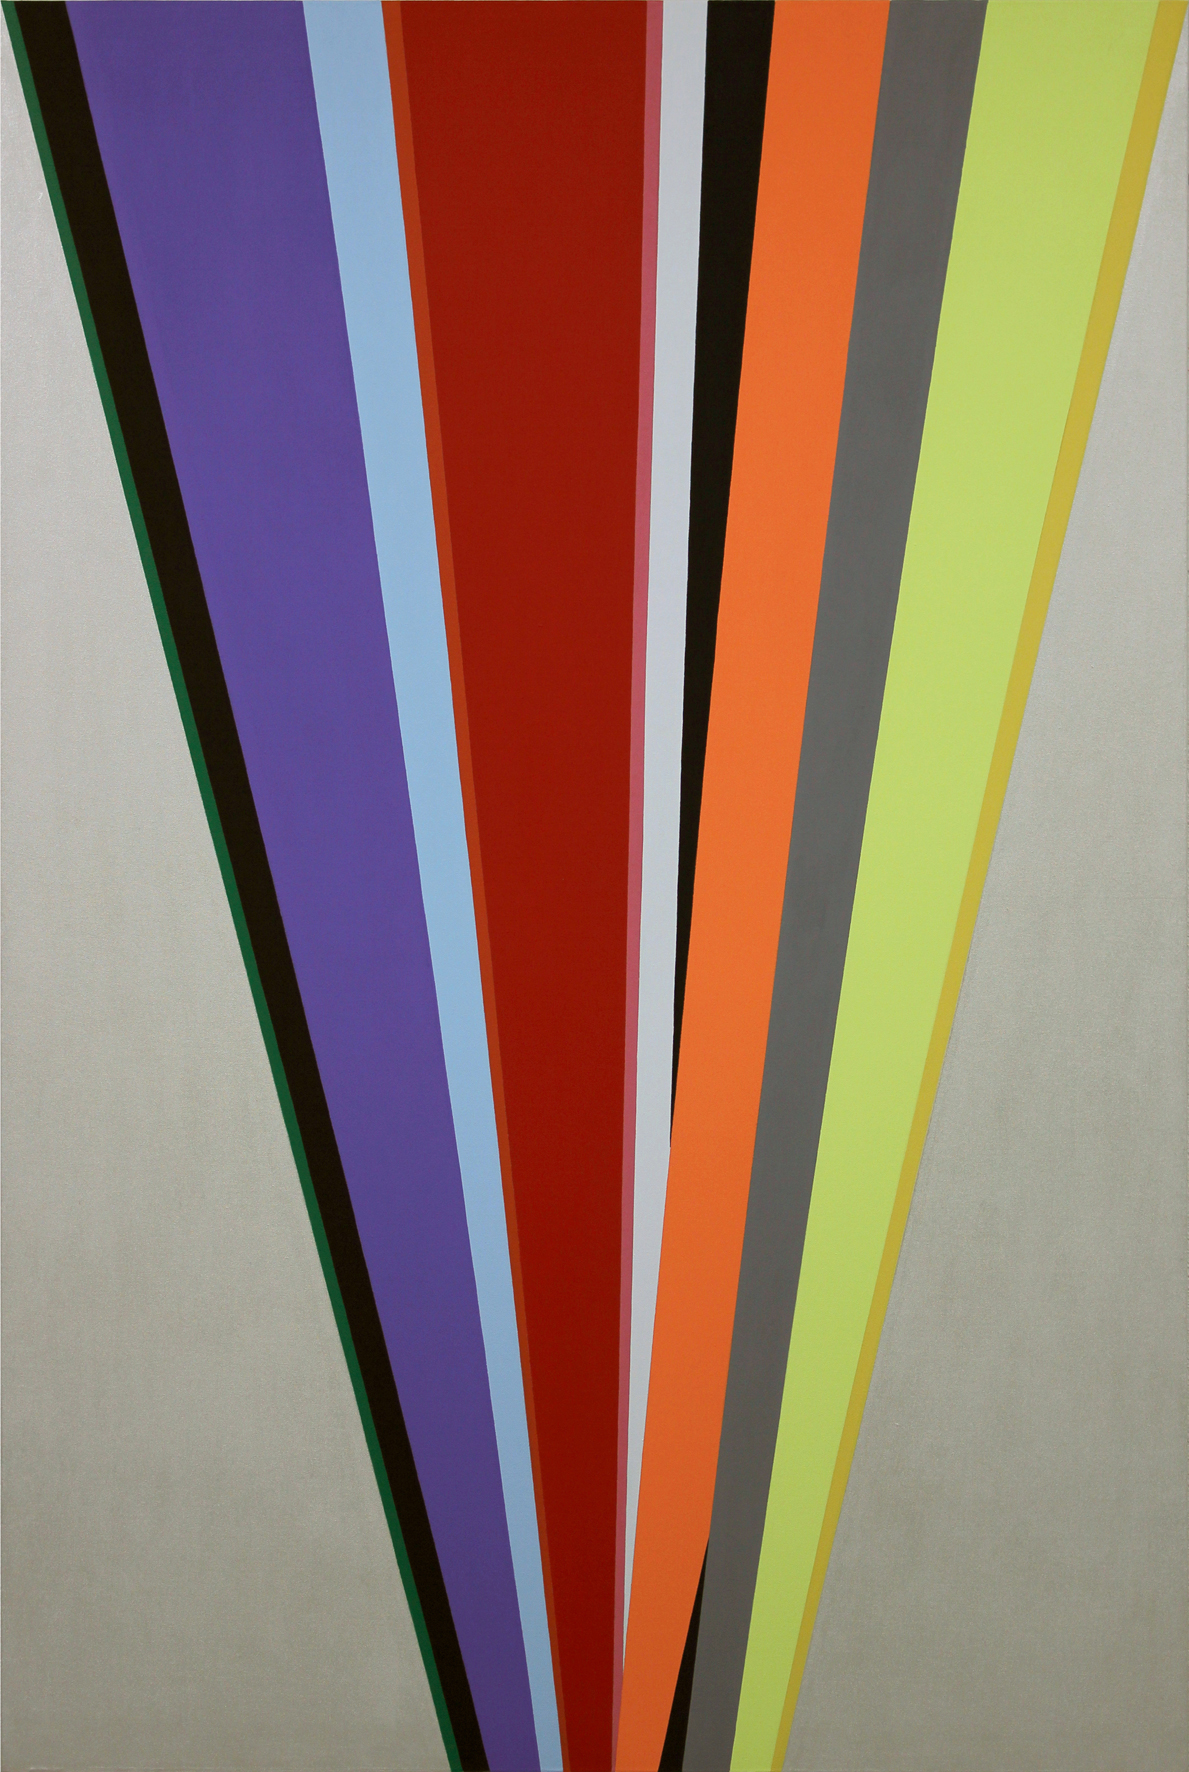 Memorias Imaginadas, 2012, acrílico sobre lienzo, 195 x 130 cm.